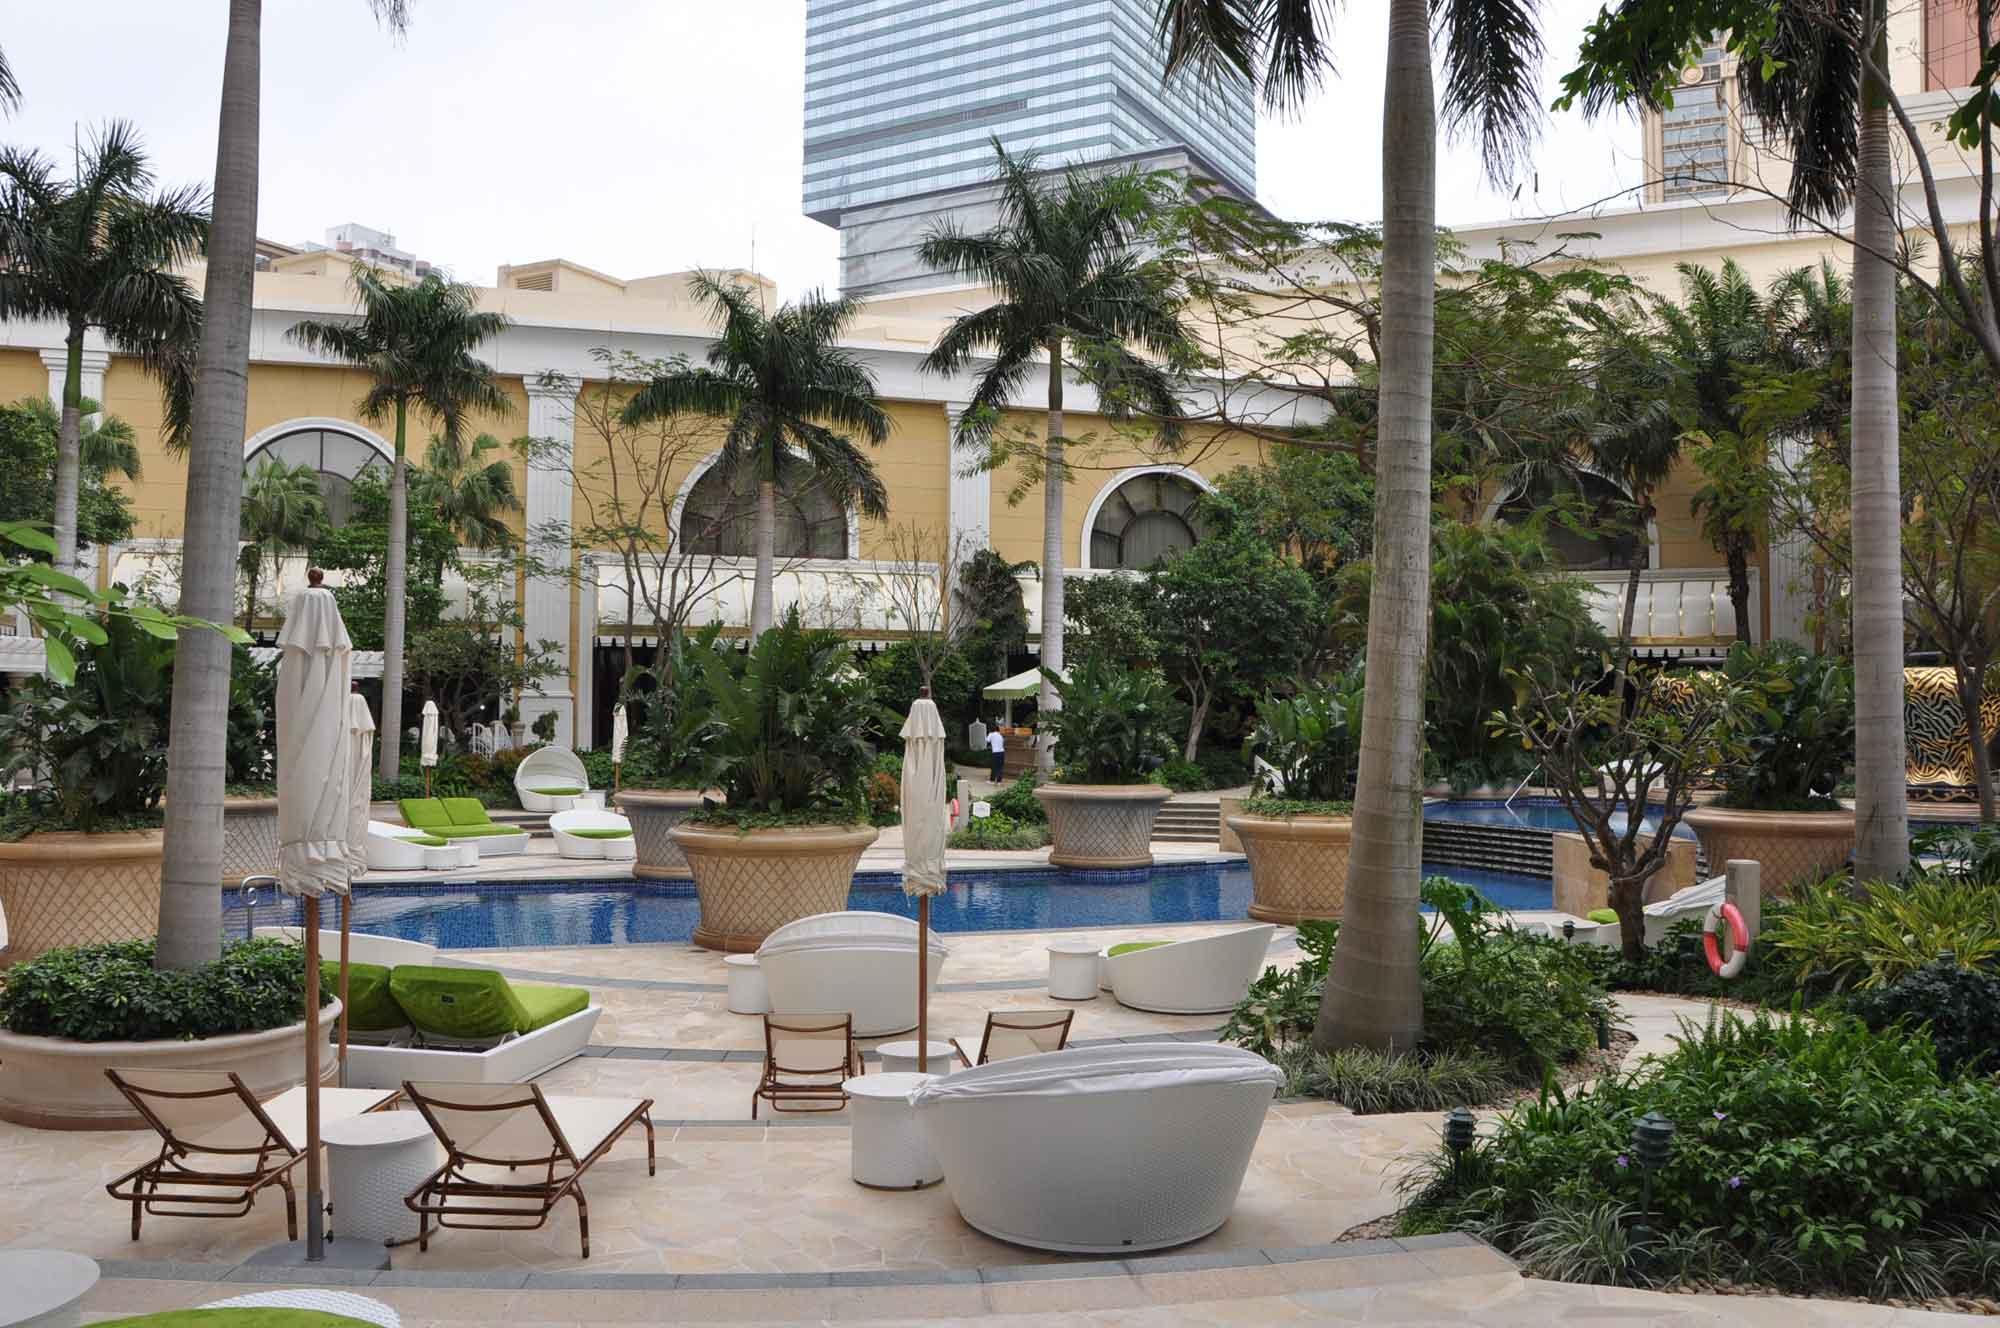 Wynn Macau deck and pool